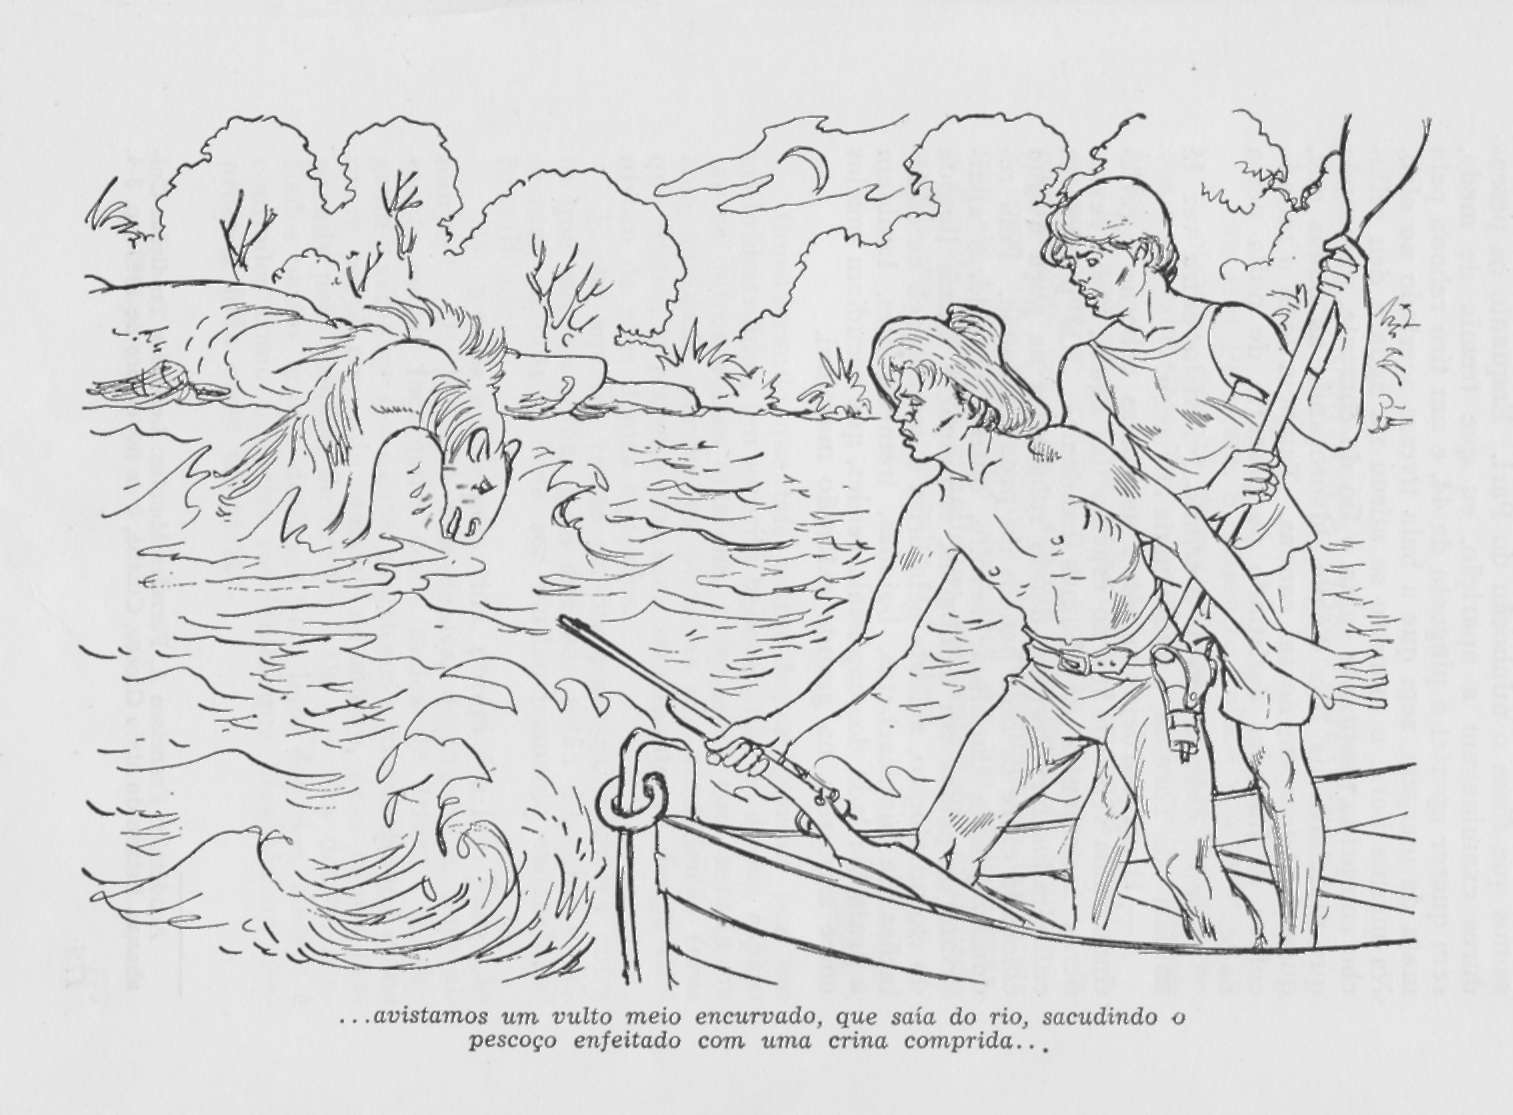 """A PESCA DE """"POITA"""" – conto curto de pescadores"""